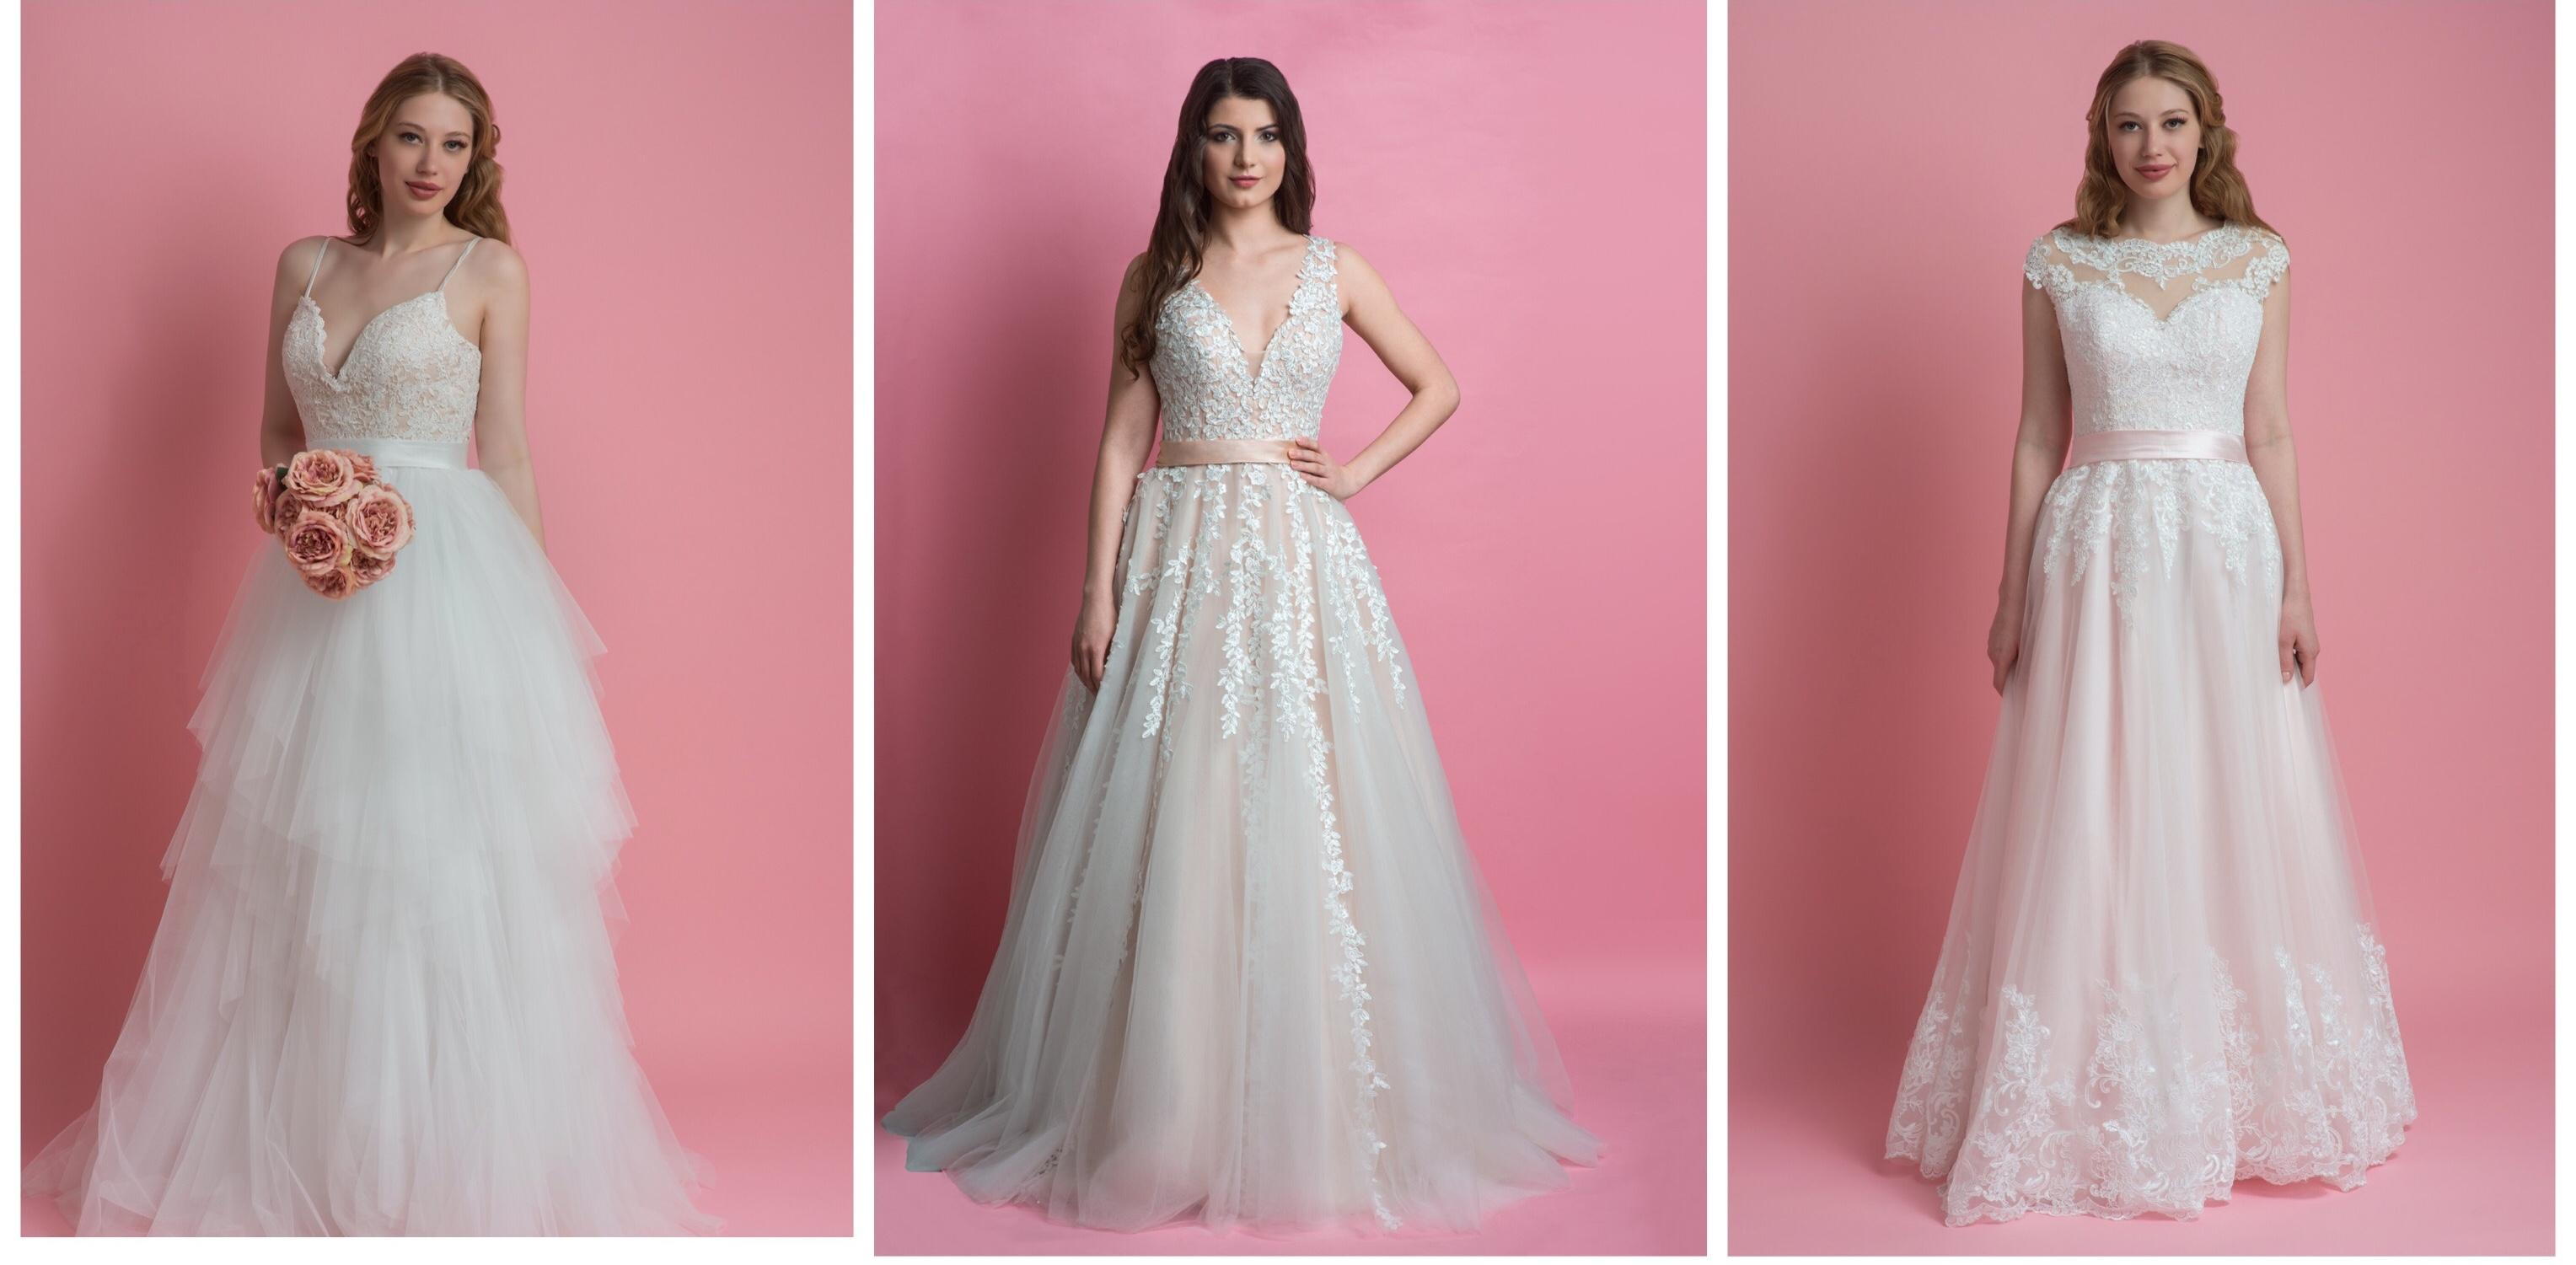 5450027baa Esküvői ruha varrás | Esküvői Ruha Plaza